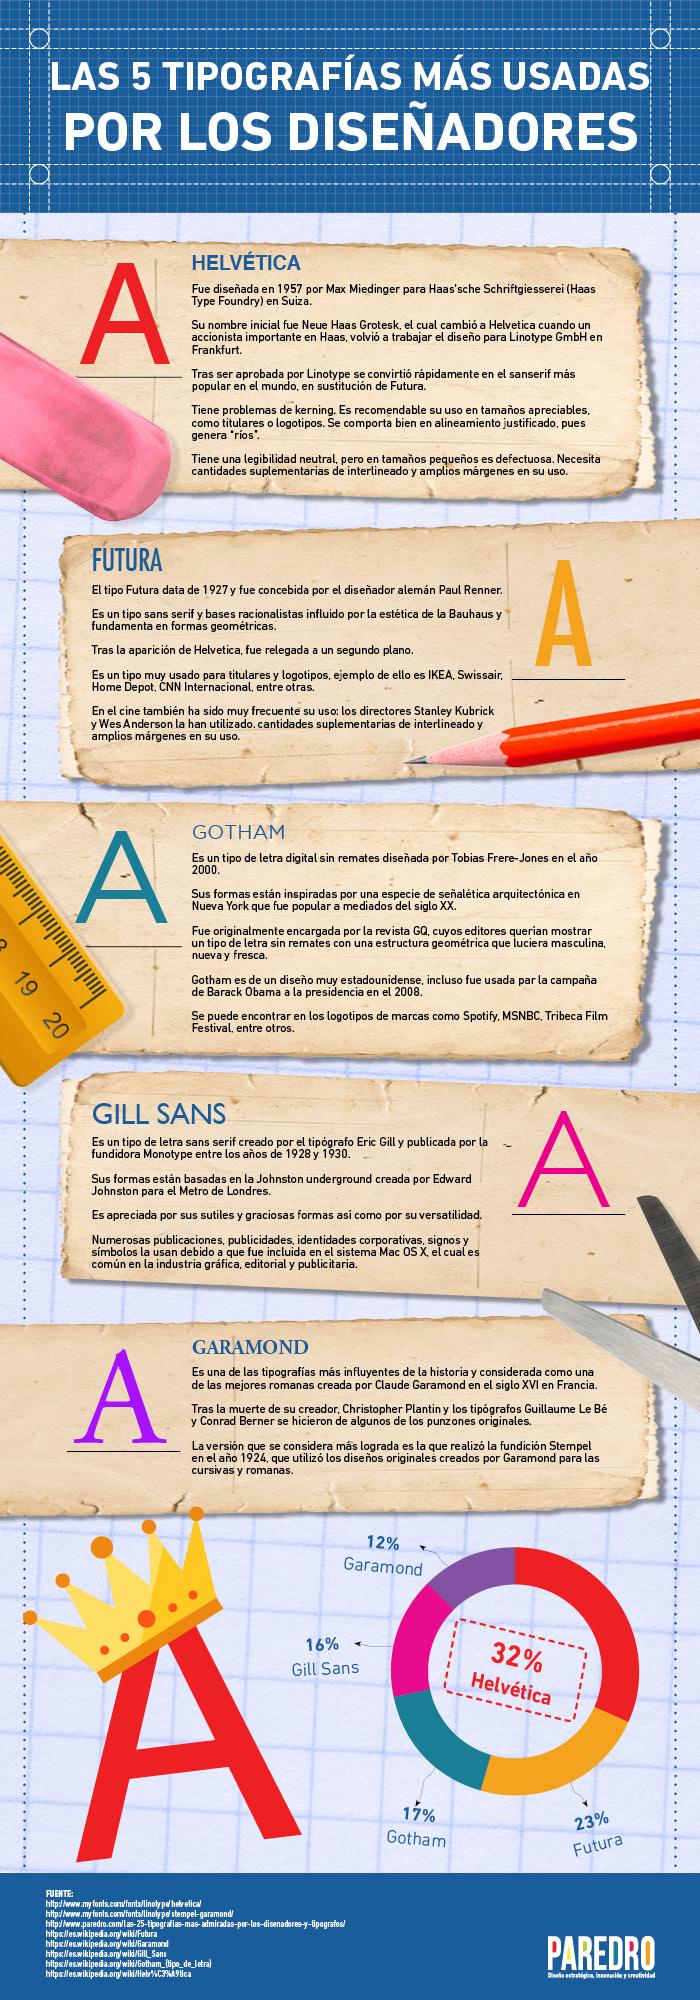 5 tipografías más usadas por los diseñadores